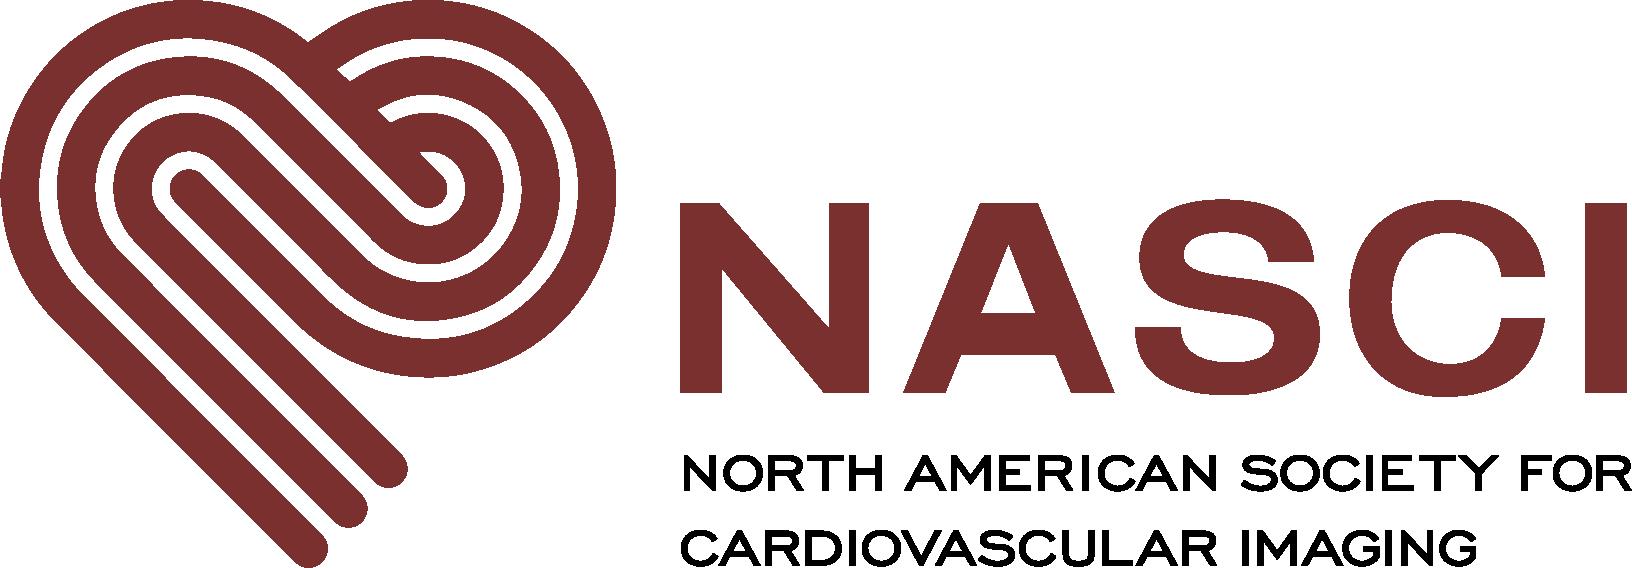 NASCI